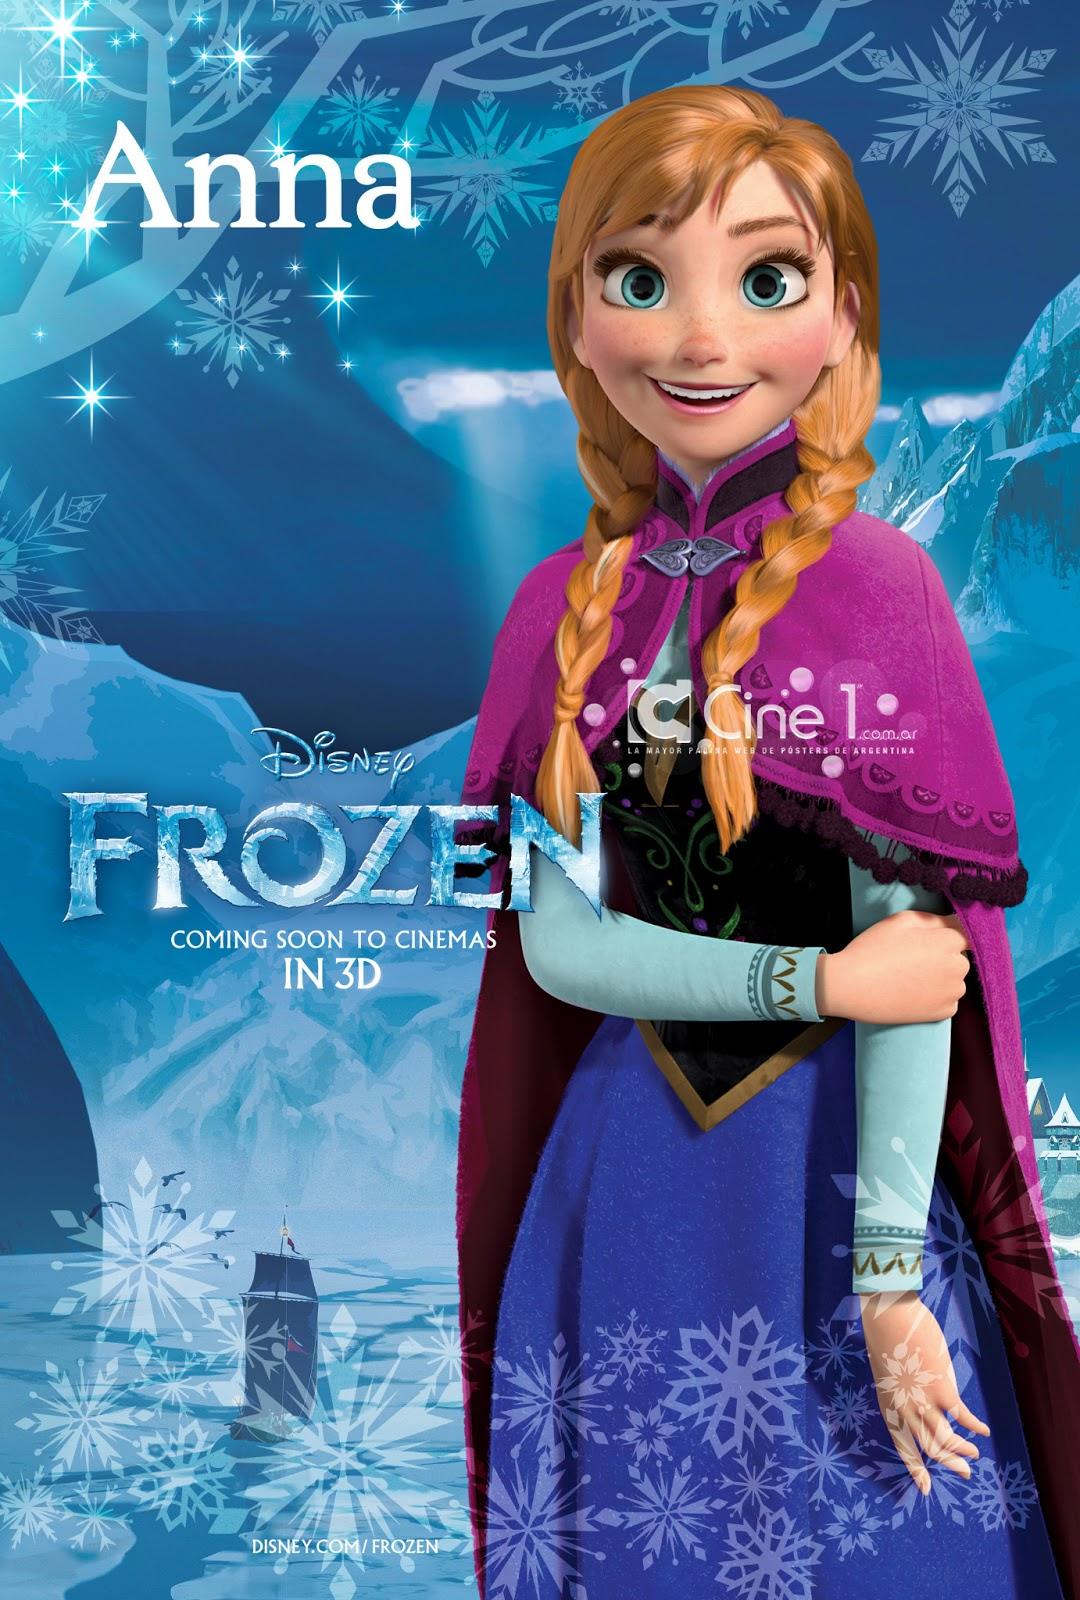 Frozen', primeros pósters de la nueva aventura animada de Disney